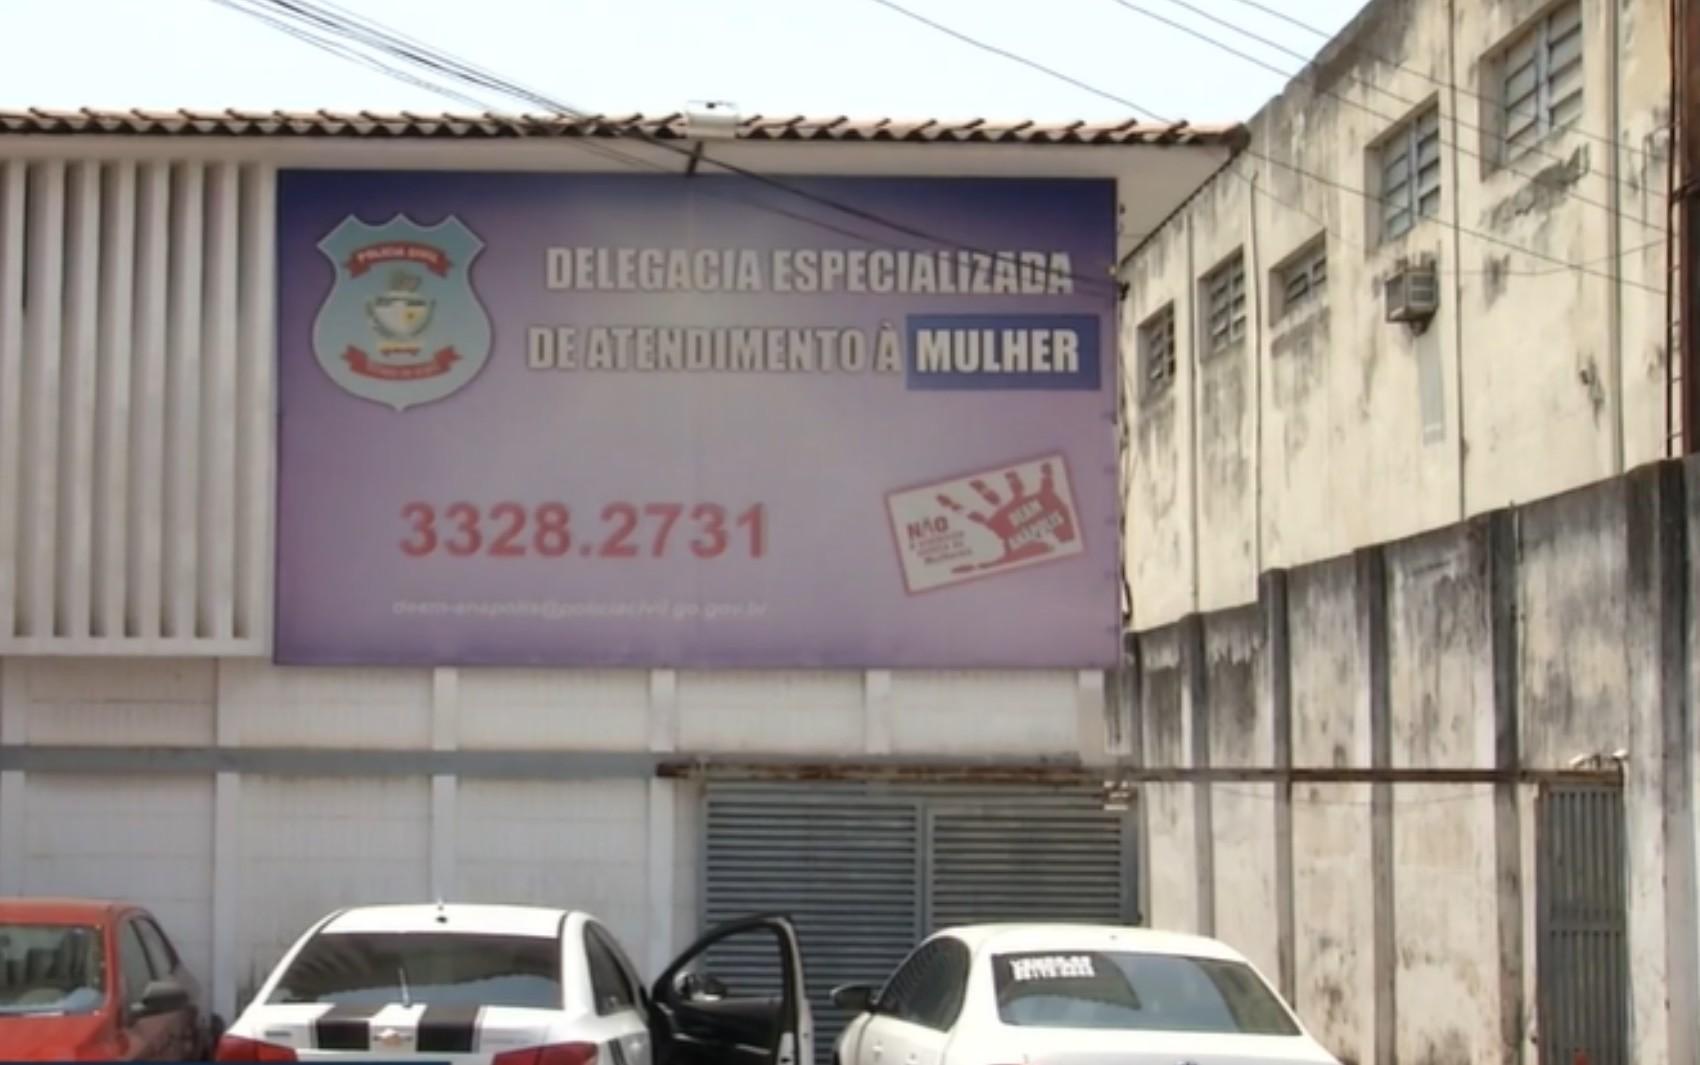 Grávida denuncia à Polícia Civil que sofreu maus-tratos e vivia em cárcere privado em convento de Anápolis